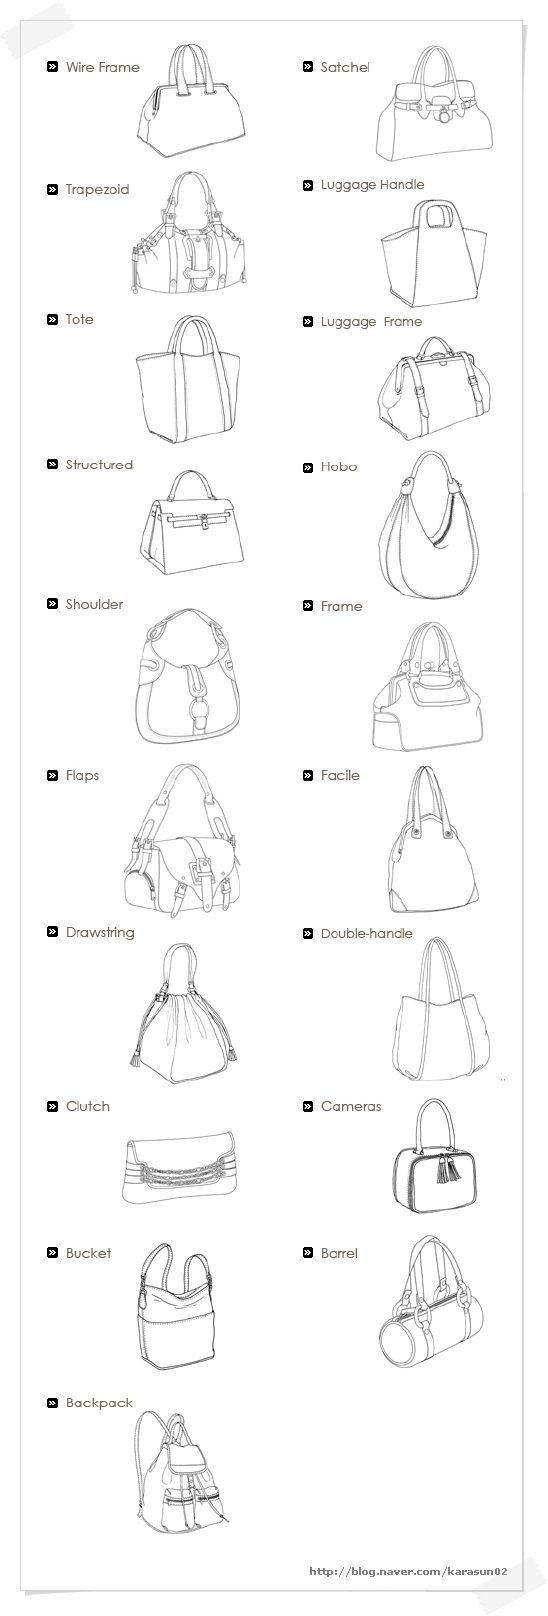 Taschenarten – Arten von Taschen :: Naver Blog